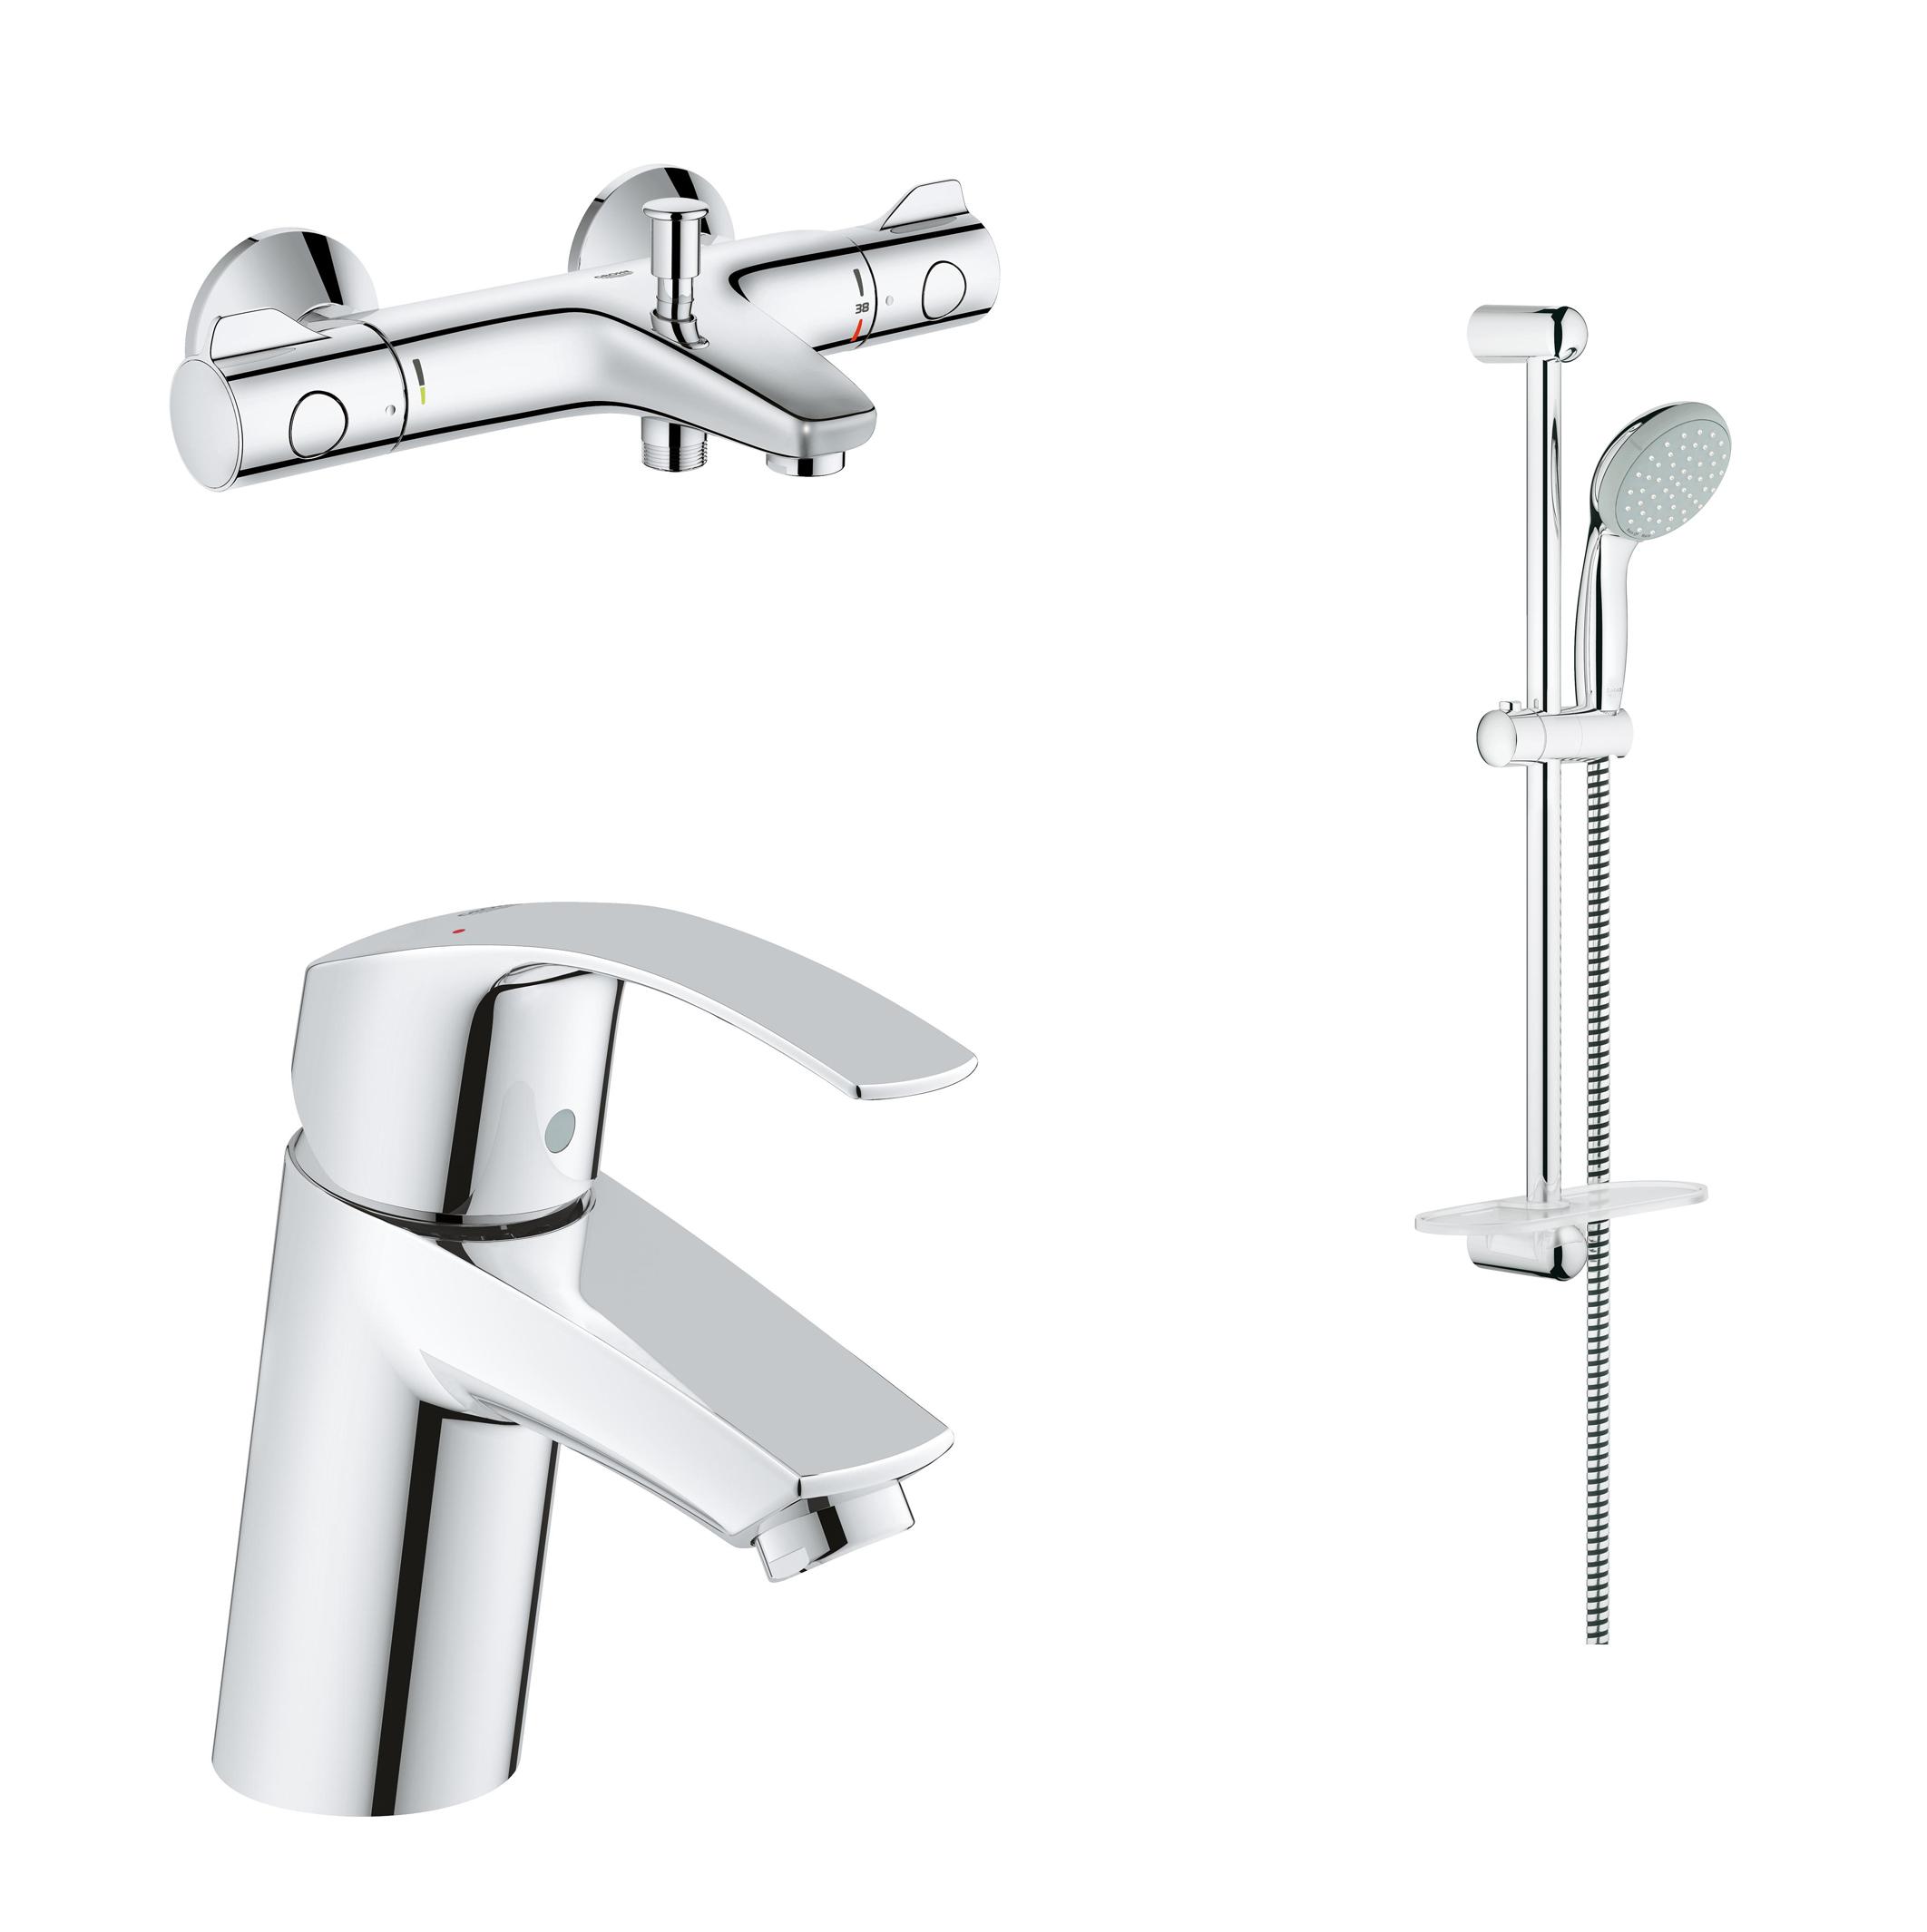 Готовый набор для ванны GROHE: смеситель для раковины, термостат для ванны, душевой гарнитур, хром (124422)